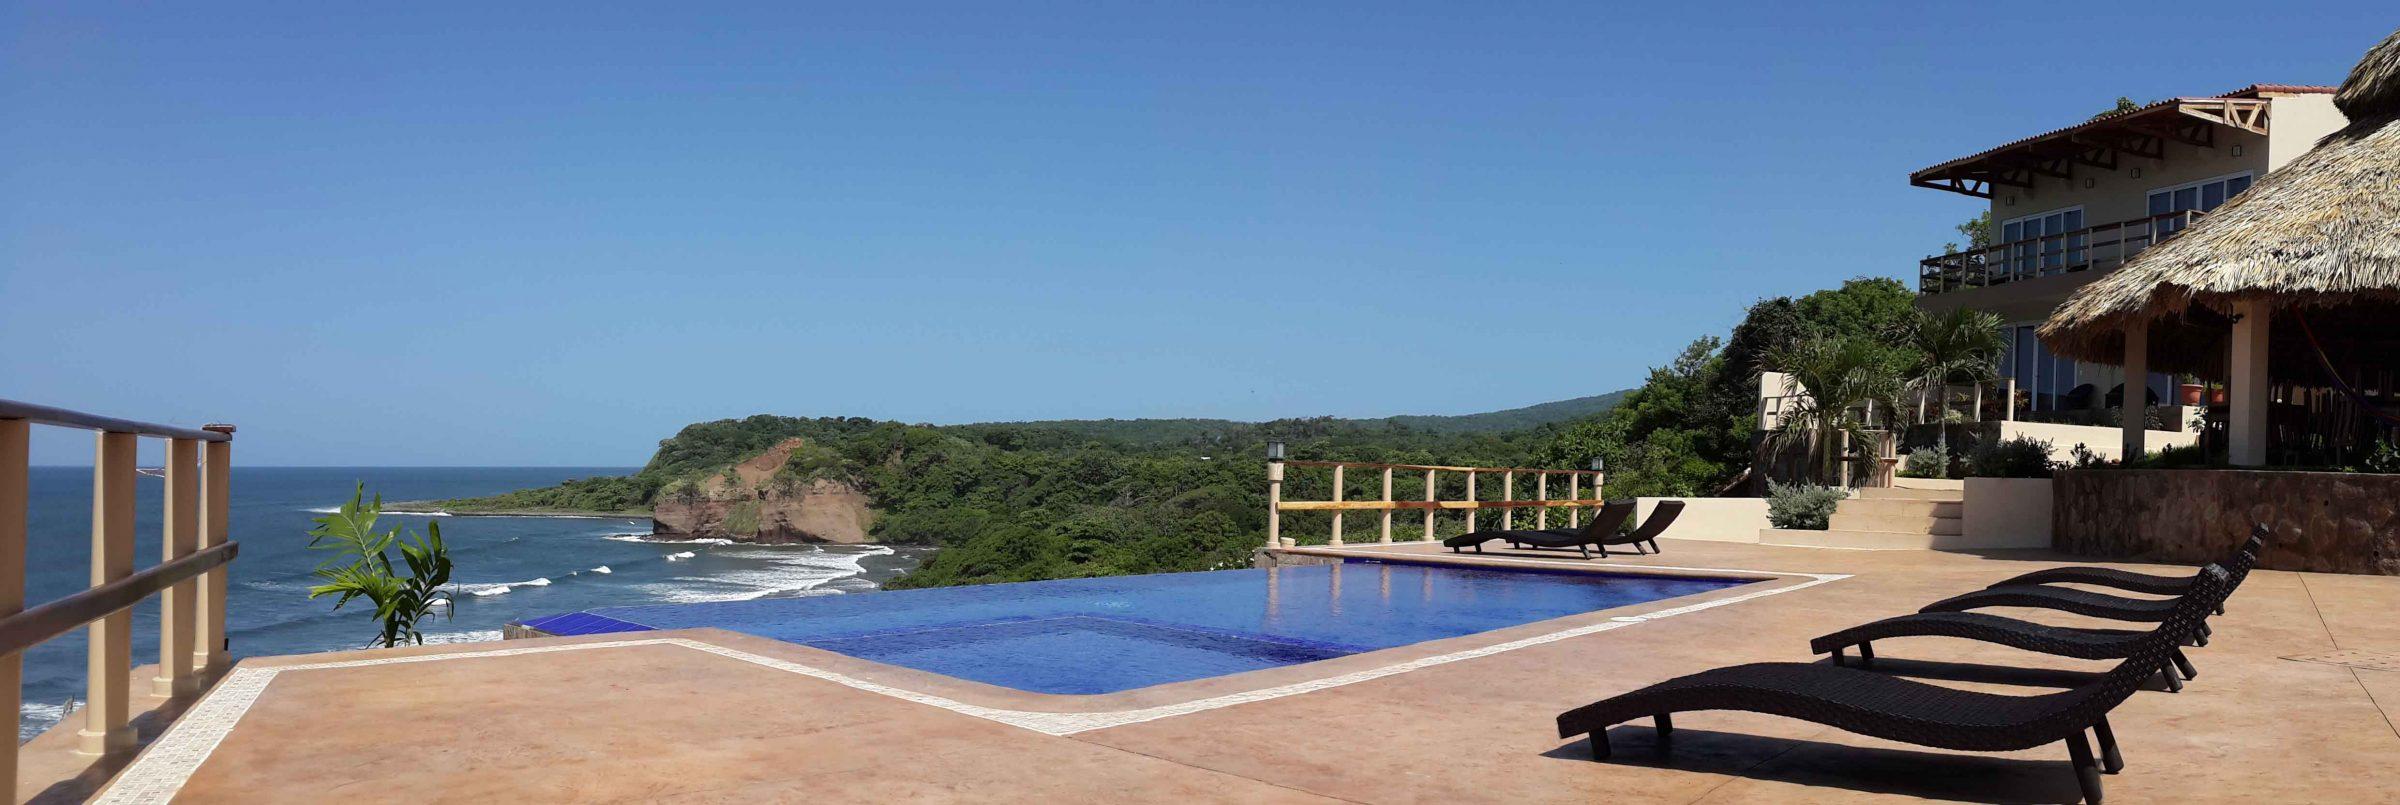 Los Mangos Pool